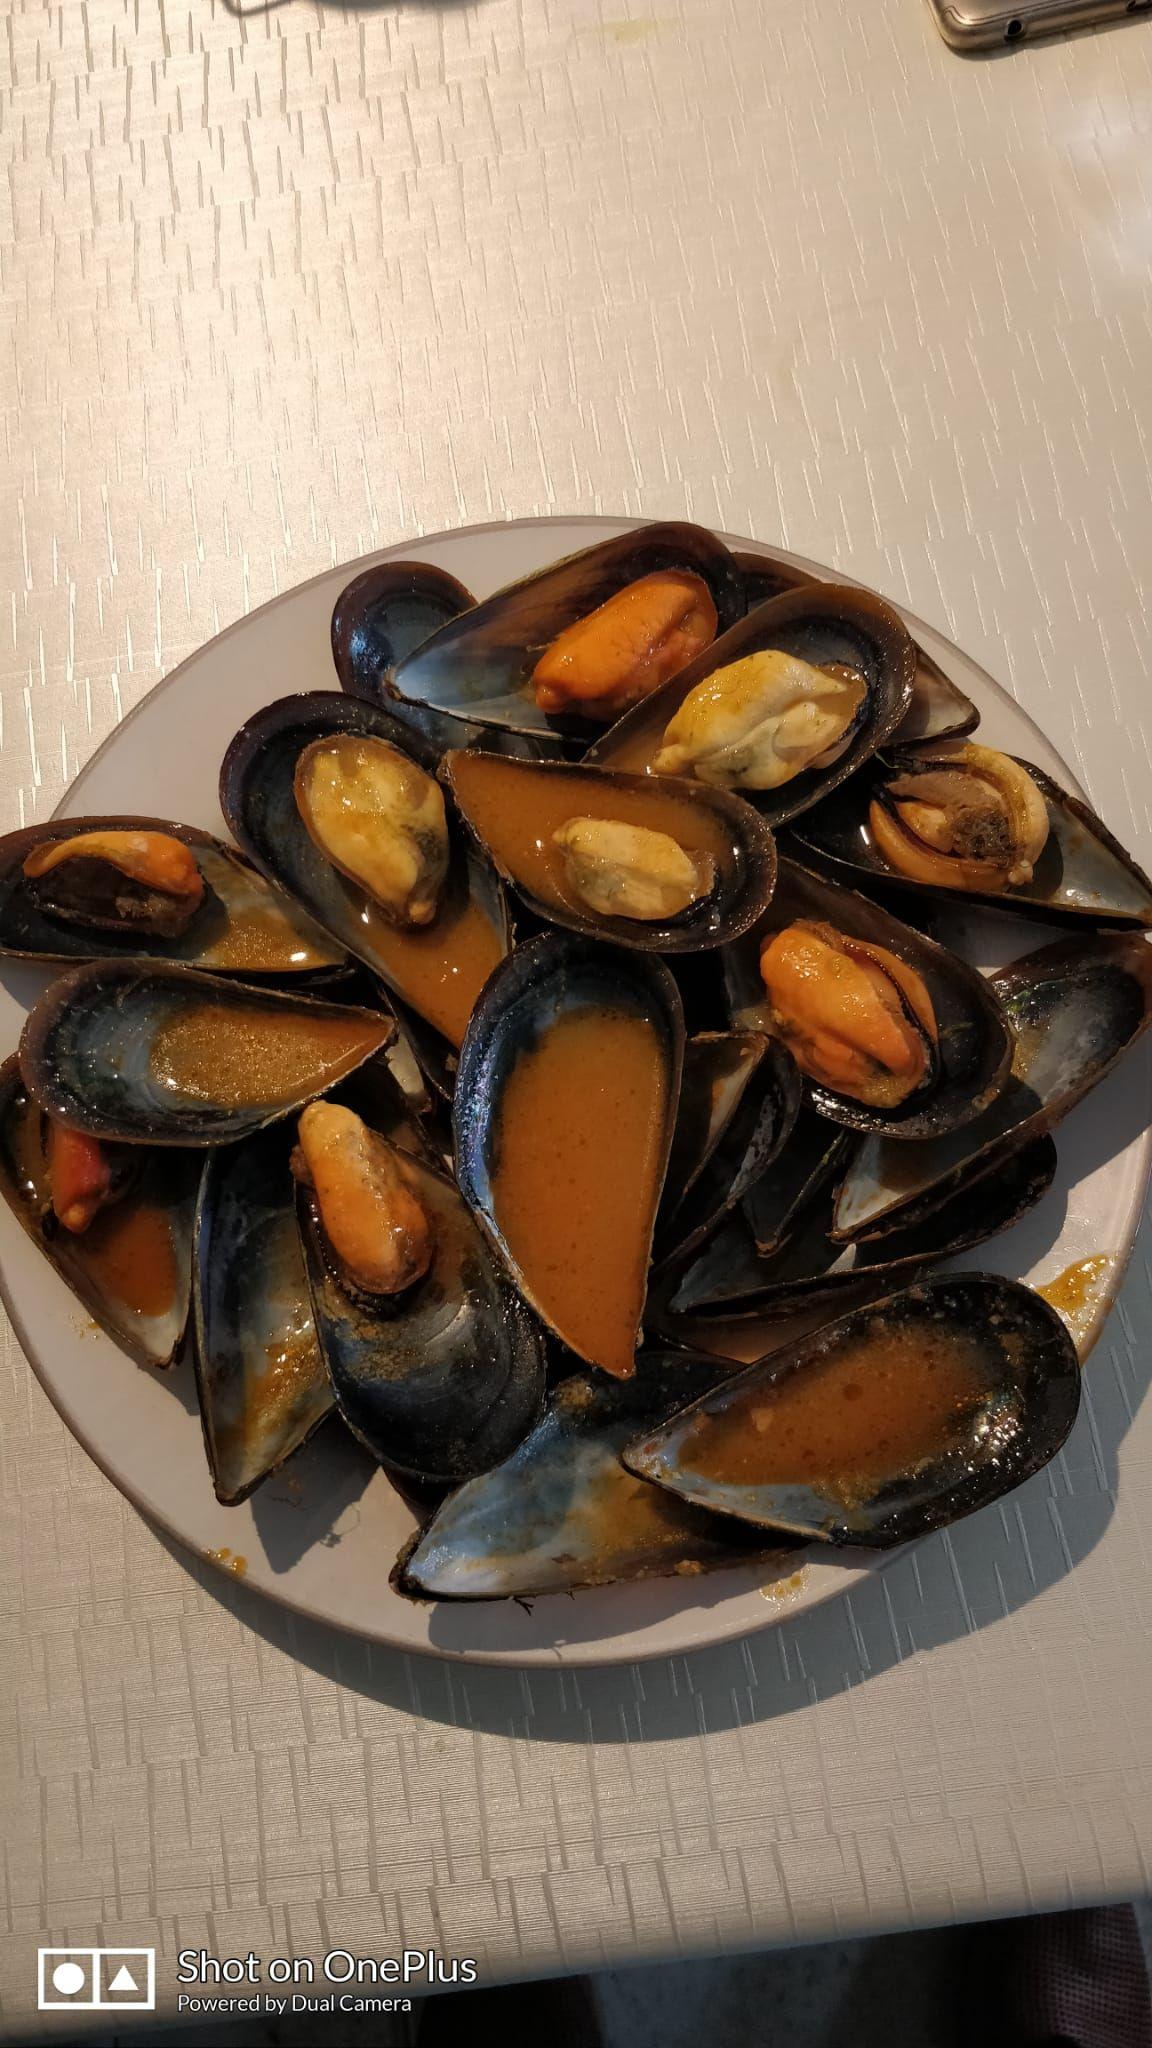 Foto 6 de Cocina mediterránea en Palau-Solità I Plegamans | Can Falguera